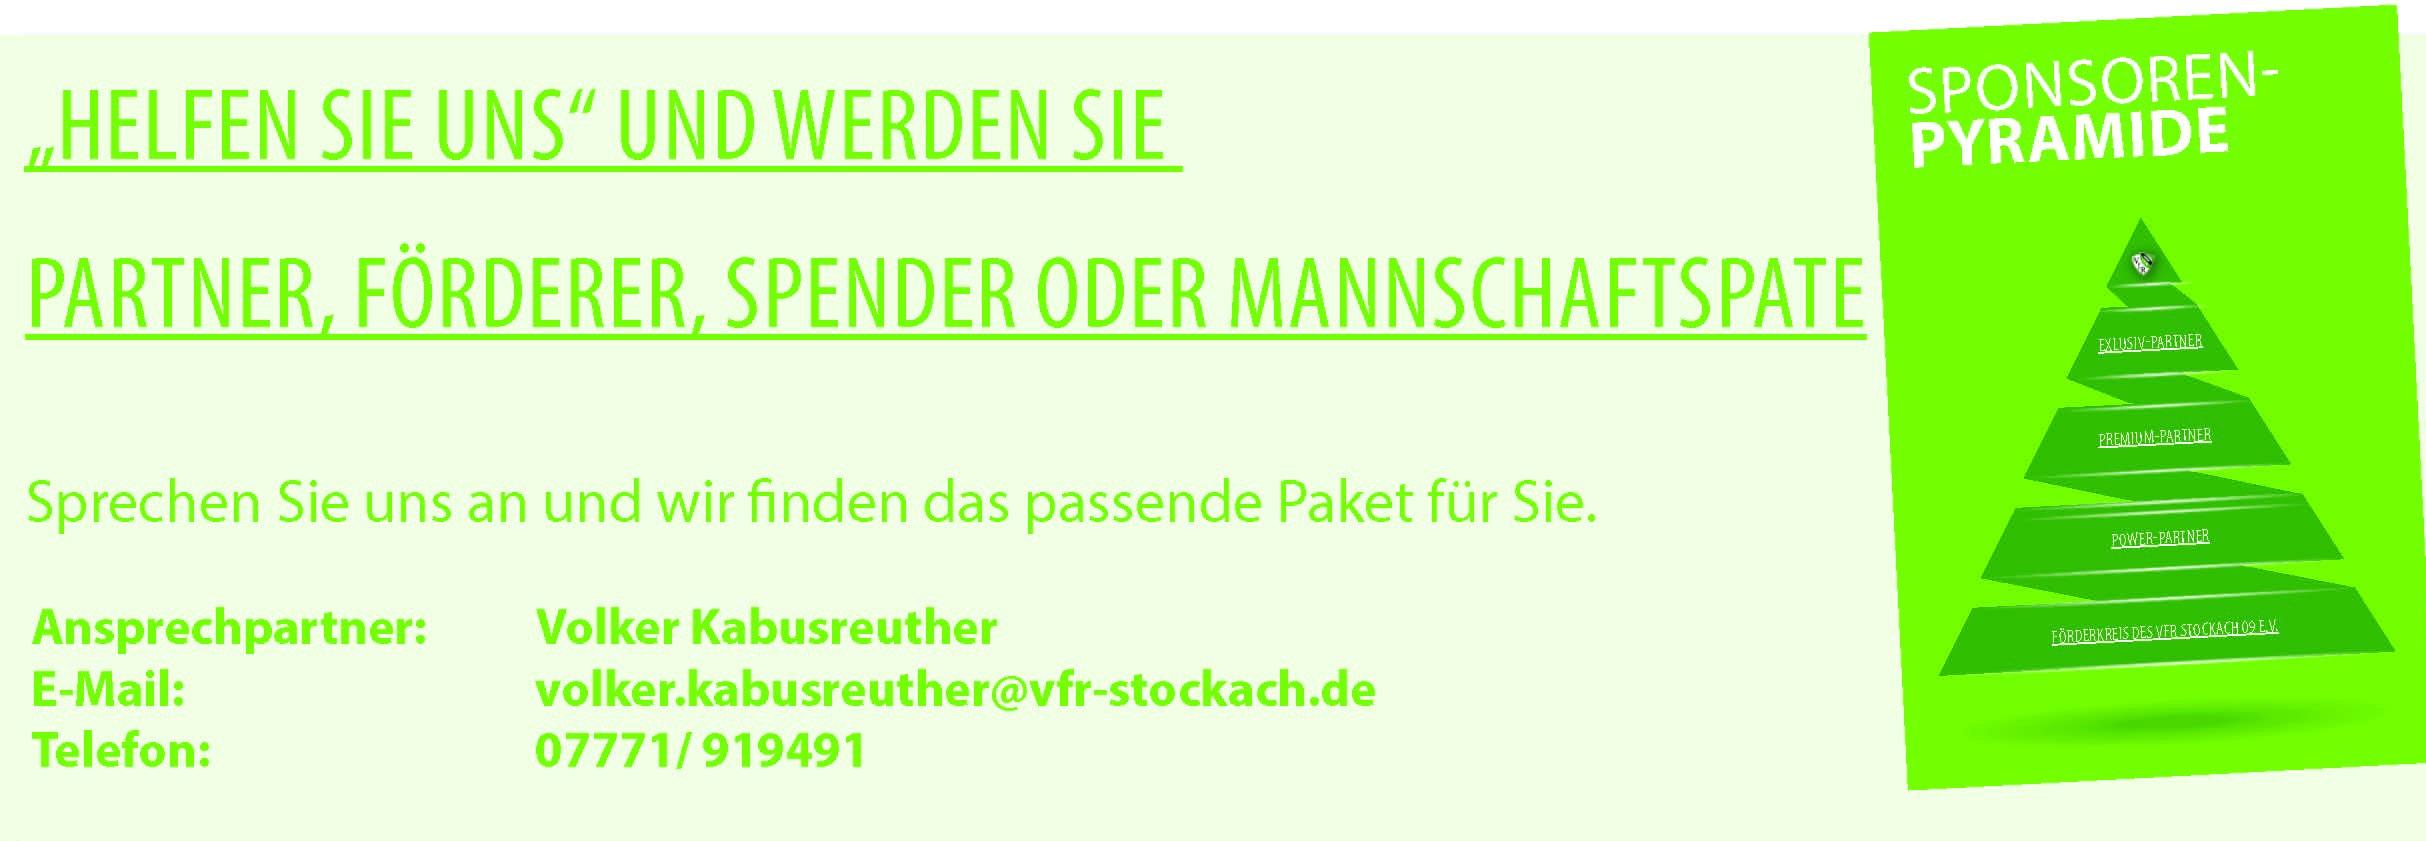 69EC1A55-1893-4CF2-9998-F37120334B65@fritz.box